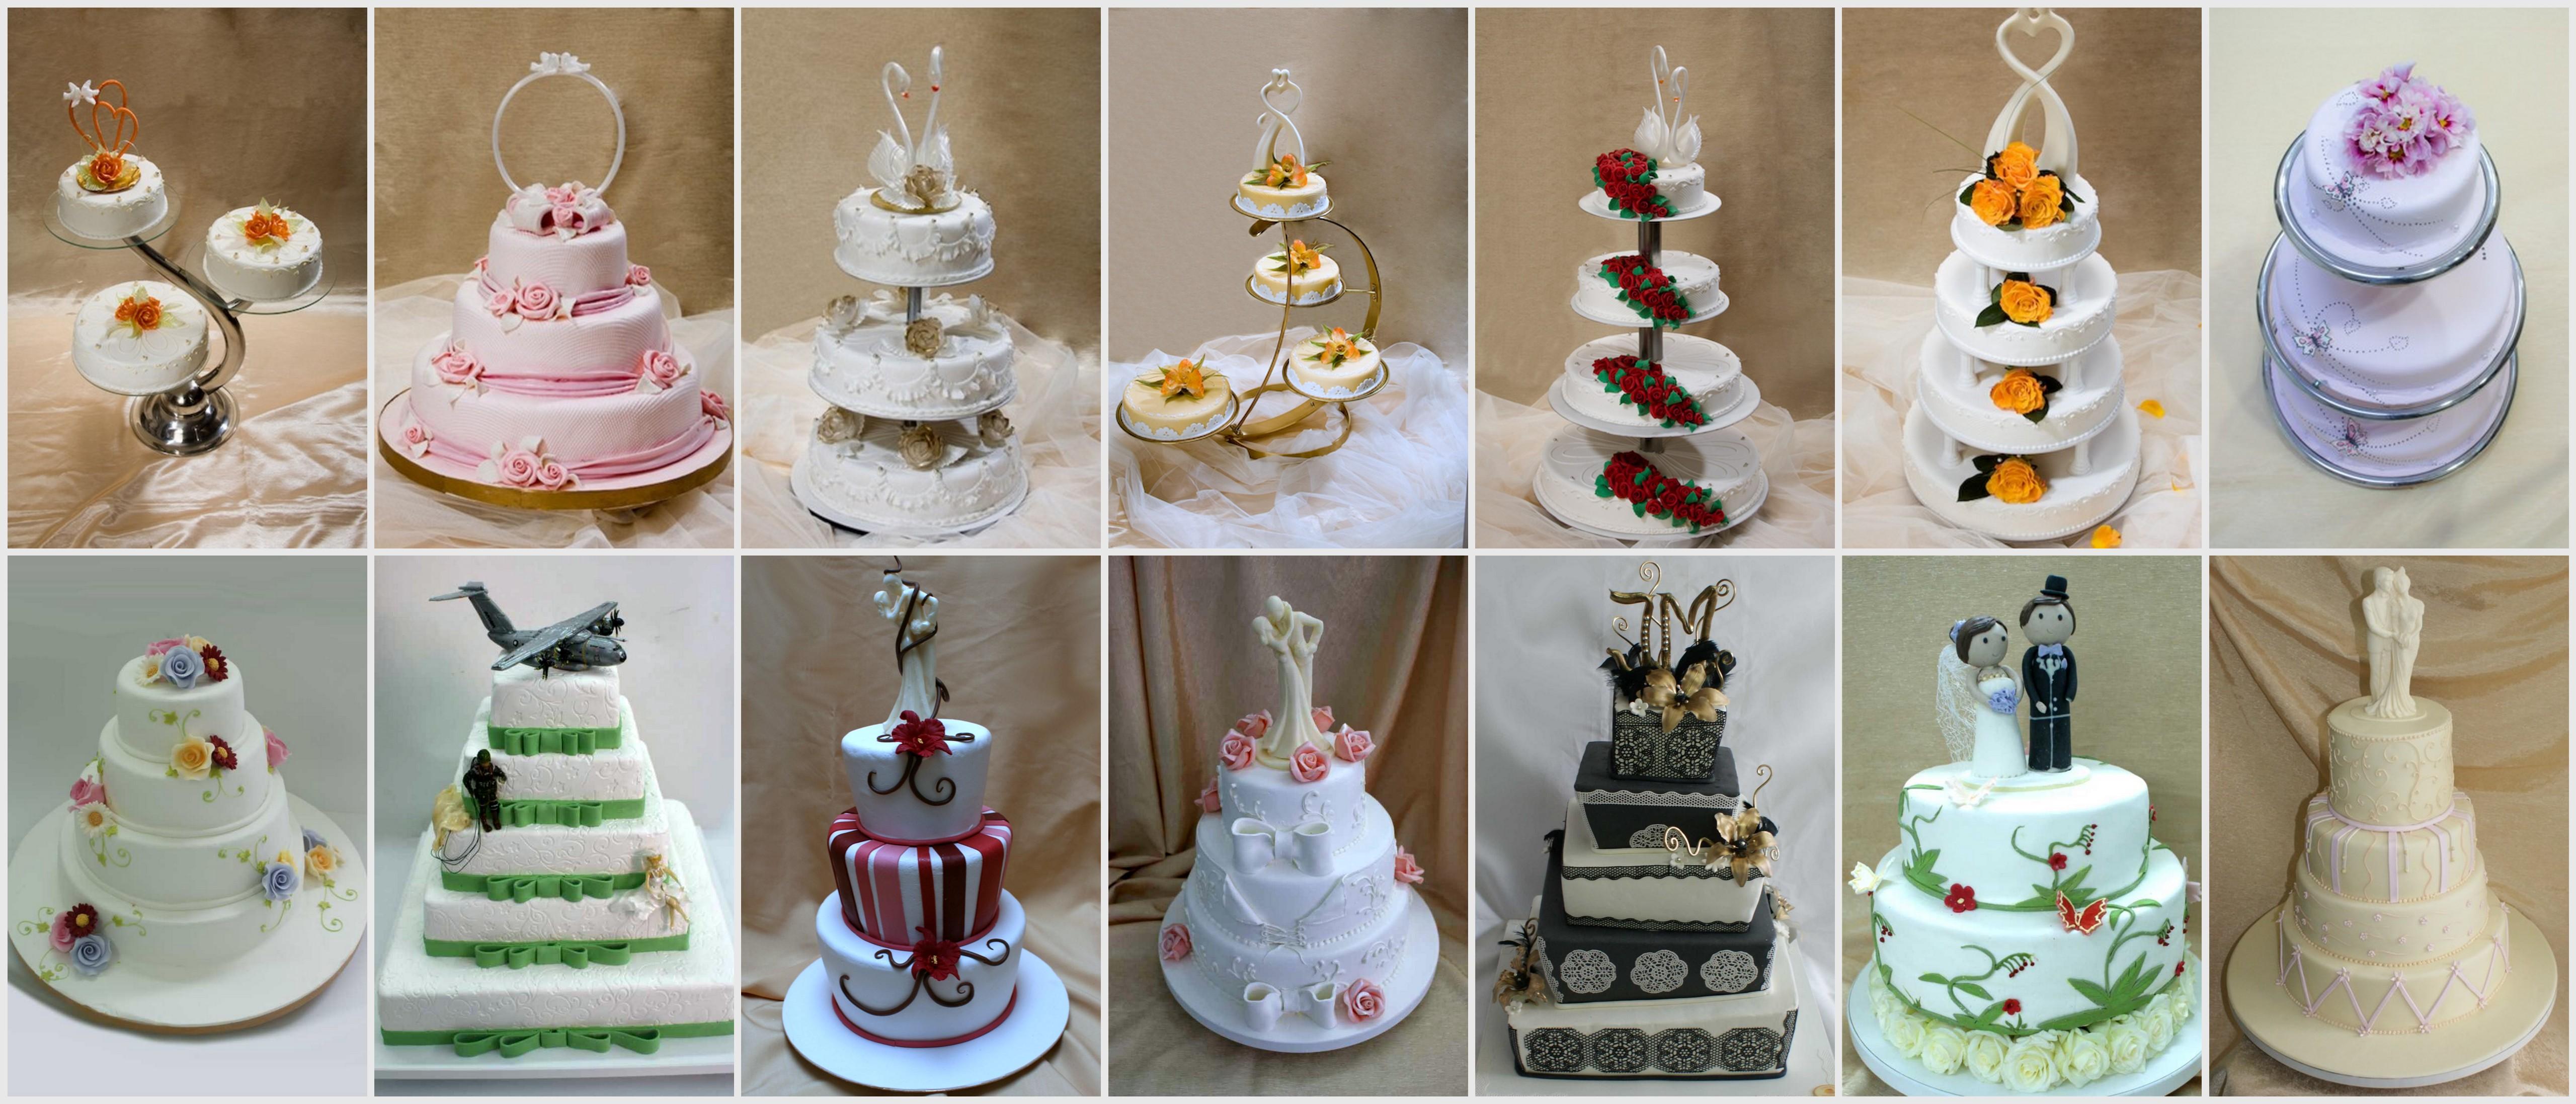 torty ciasta weselne Cukiernia Kachlicki wojewódźtwo wielkopolskie